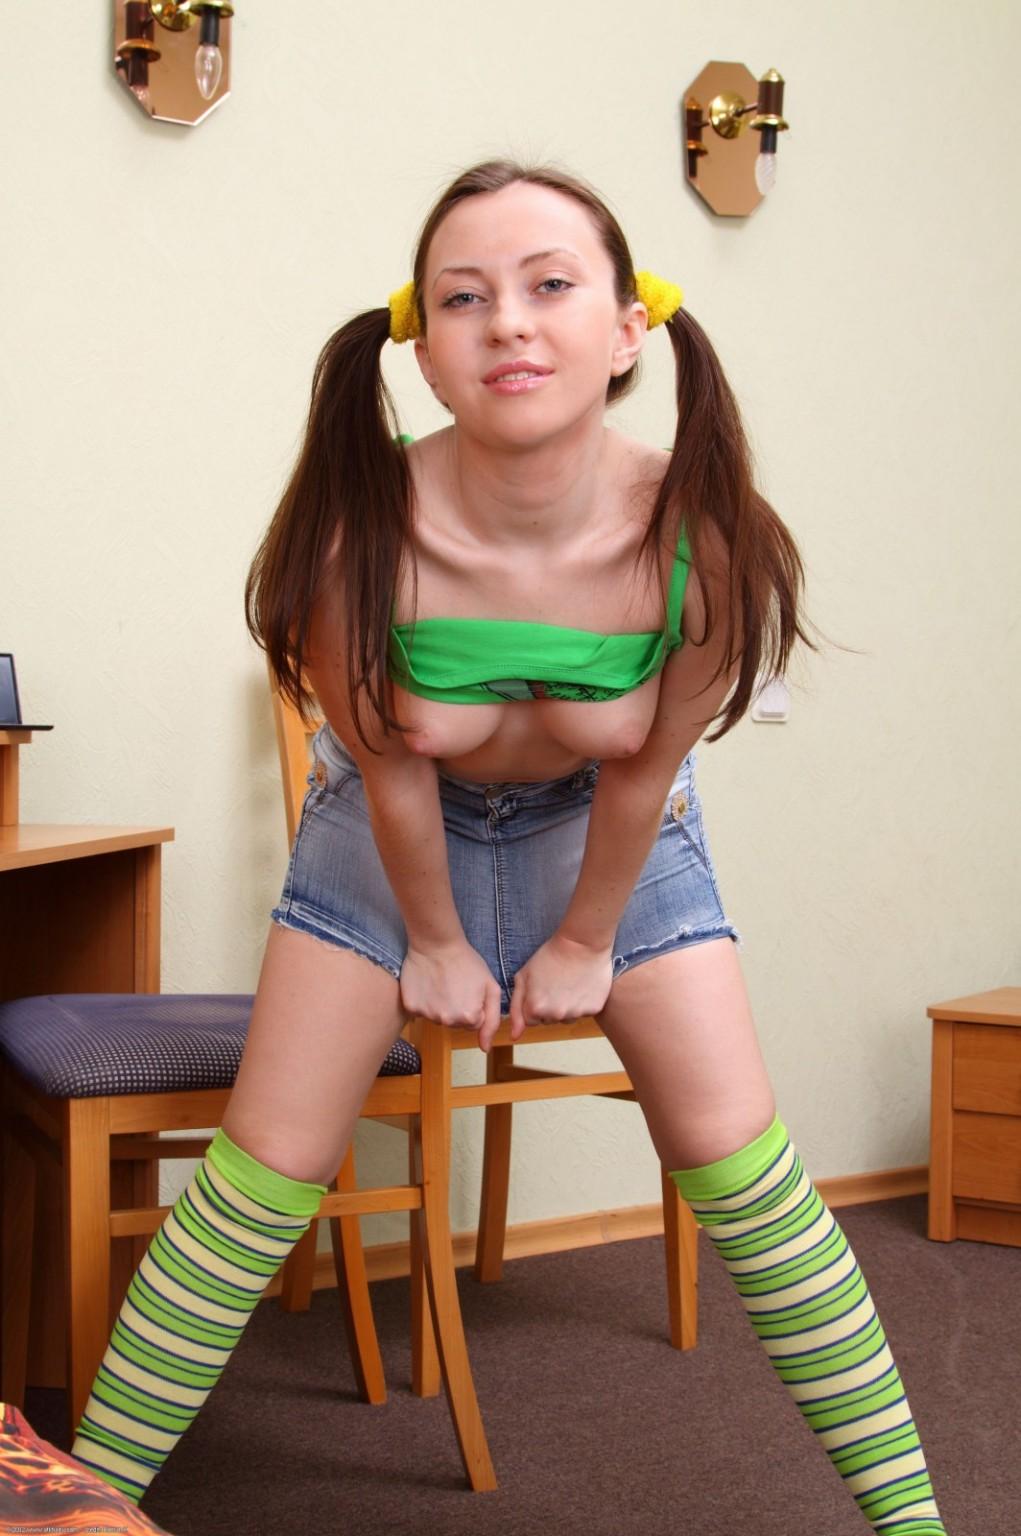 Teen Taking Off Panties